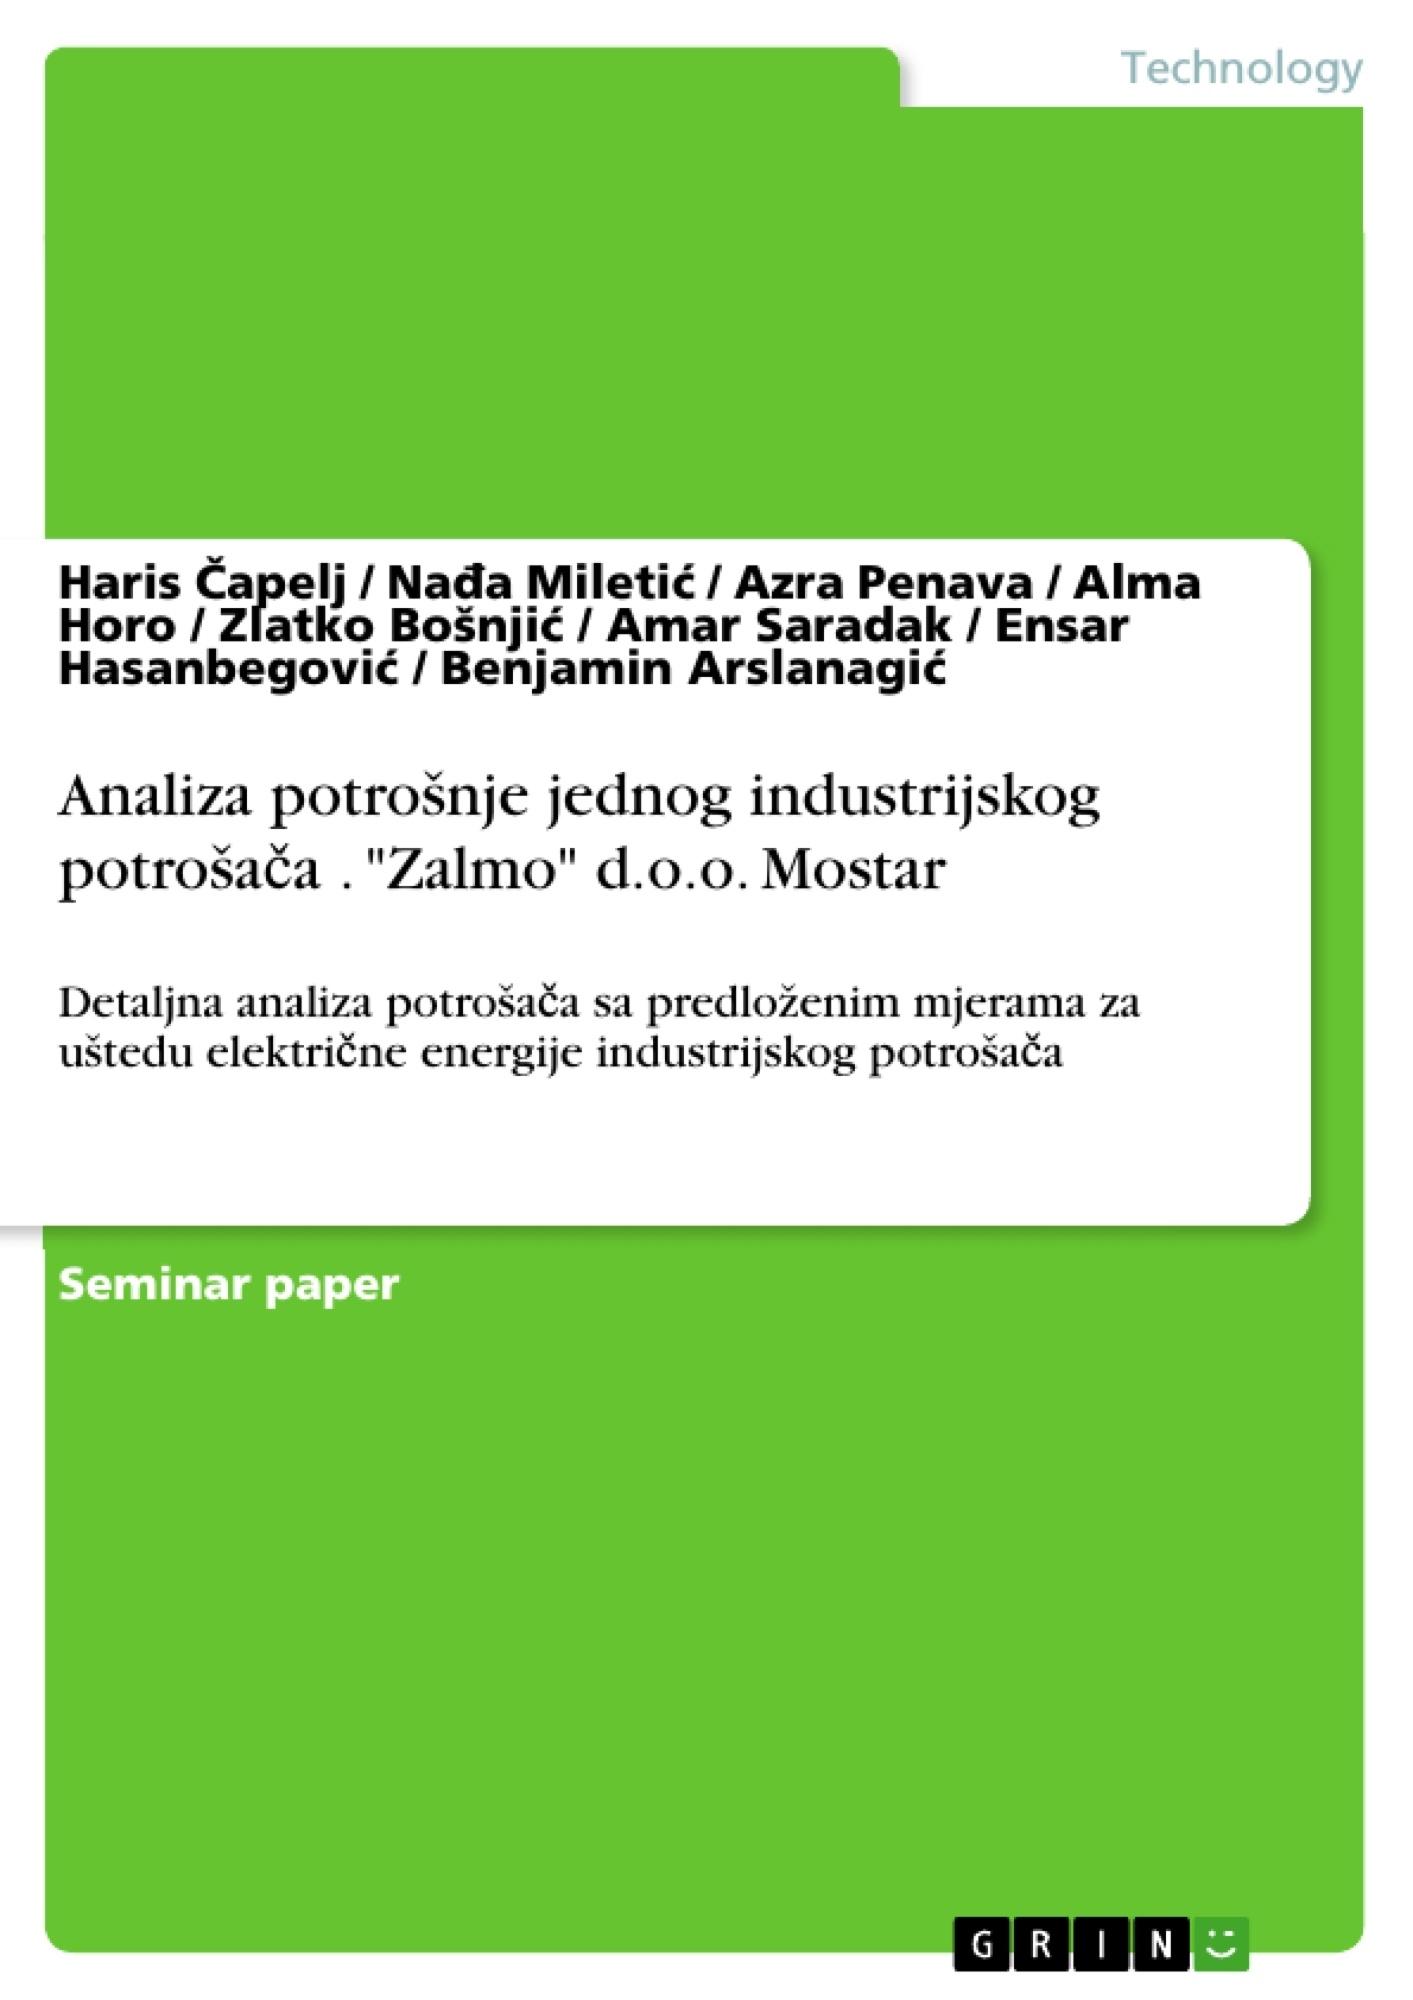 """Title: Analiza potrošnje jednog industrijskog potrošača . """"Zalmo"""" d.o.o. Mostar"""